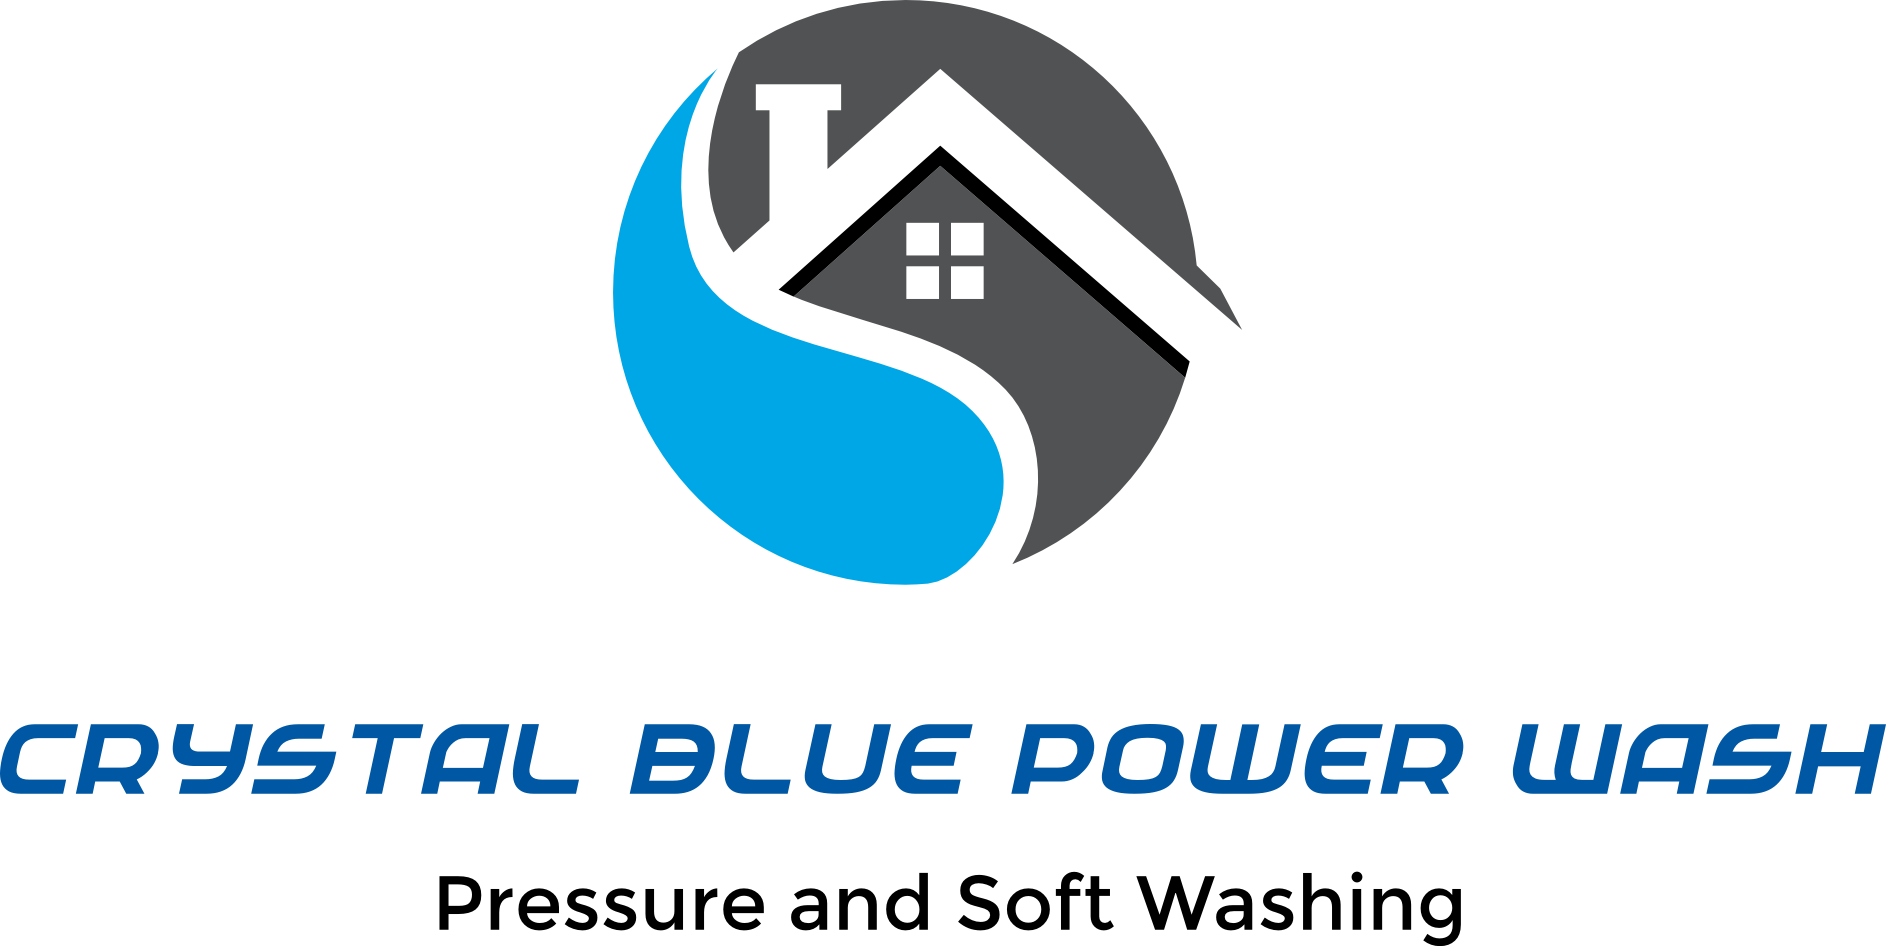 Crystal Blue Power Wash